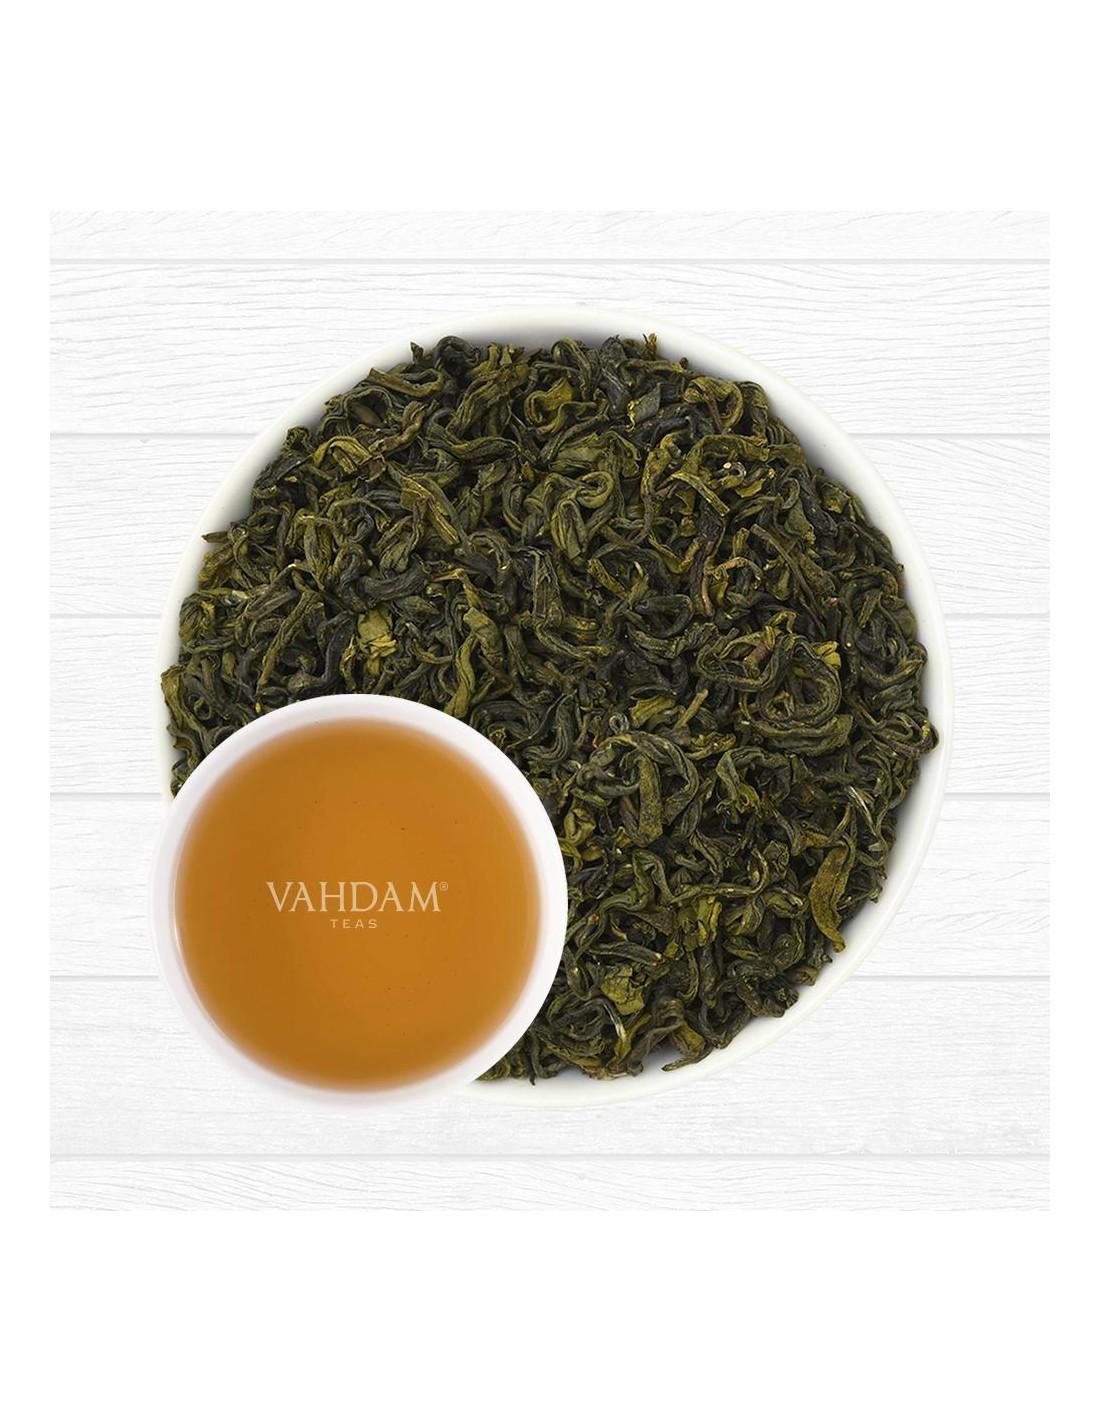 Earl Grey Darjeeling Green Tea - Republika Smaków Sp. z o.o.